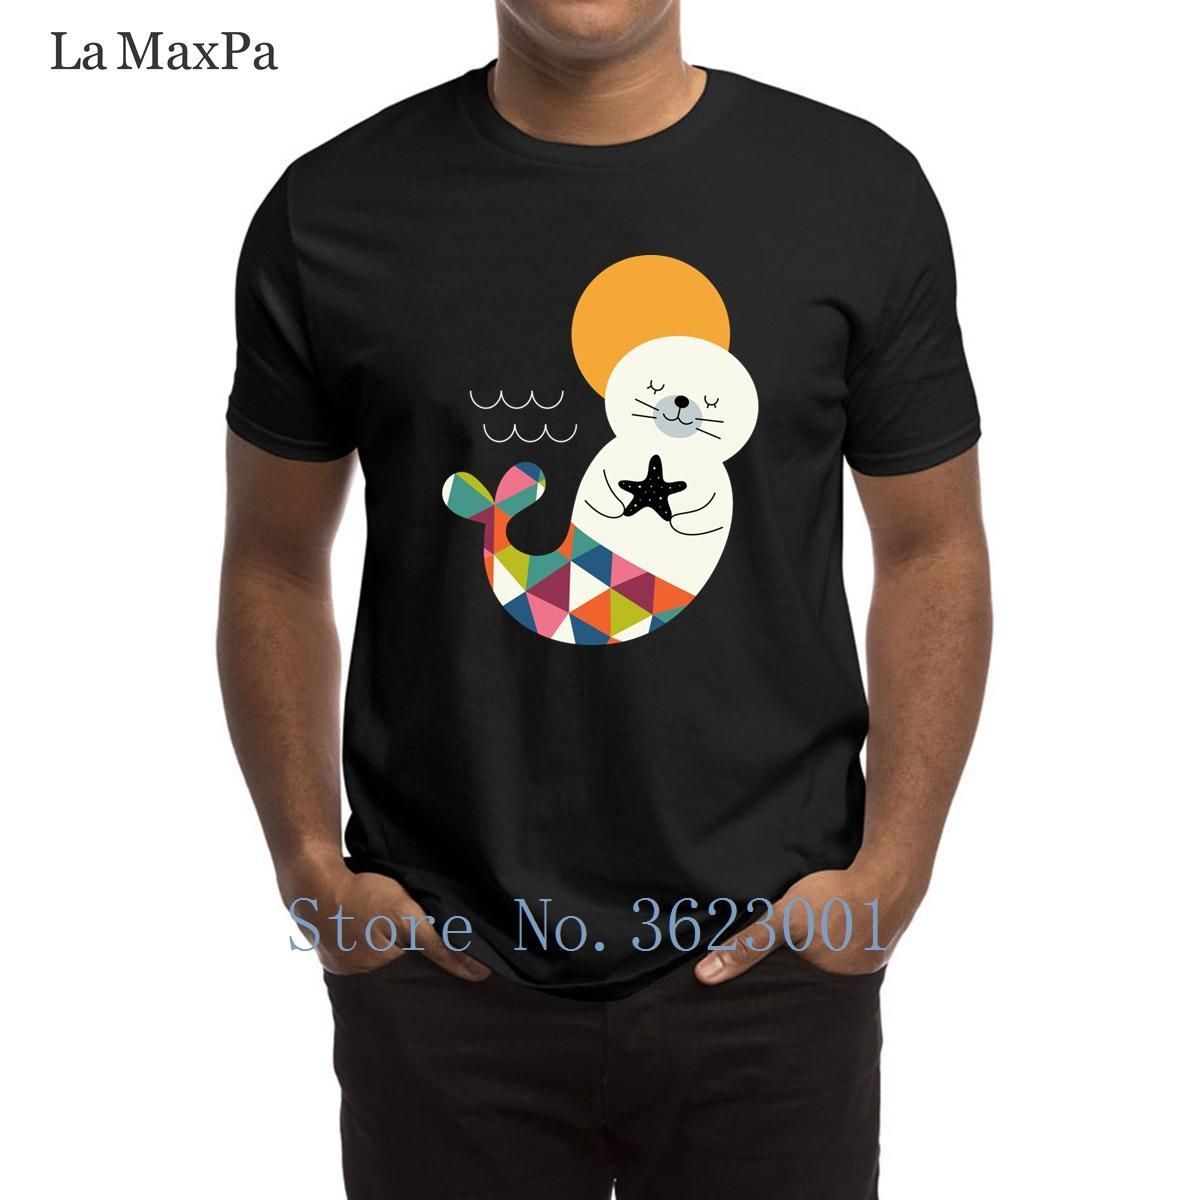 Personalisierte Großhandel Shirt T Bilder Herren Dichtungen dx8r8HwIq